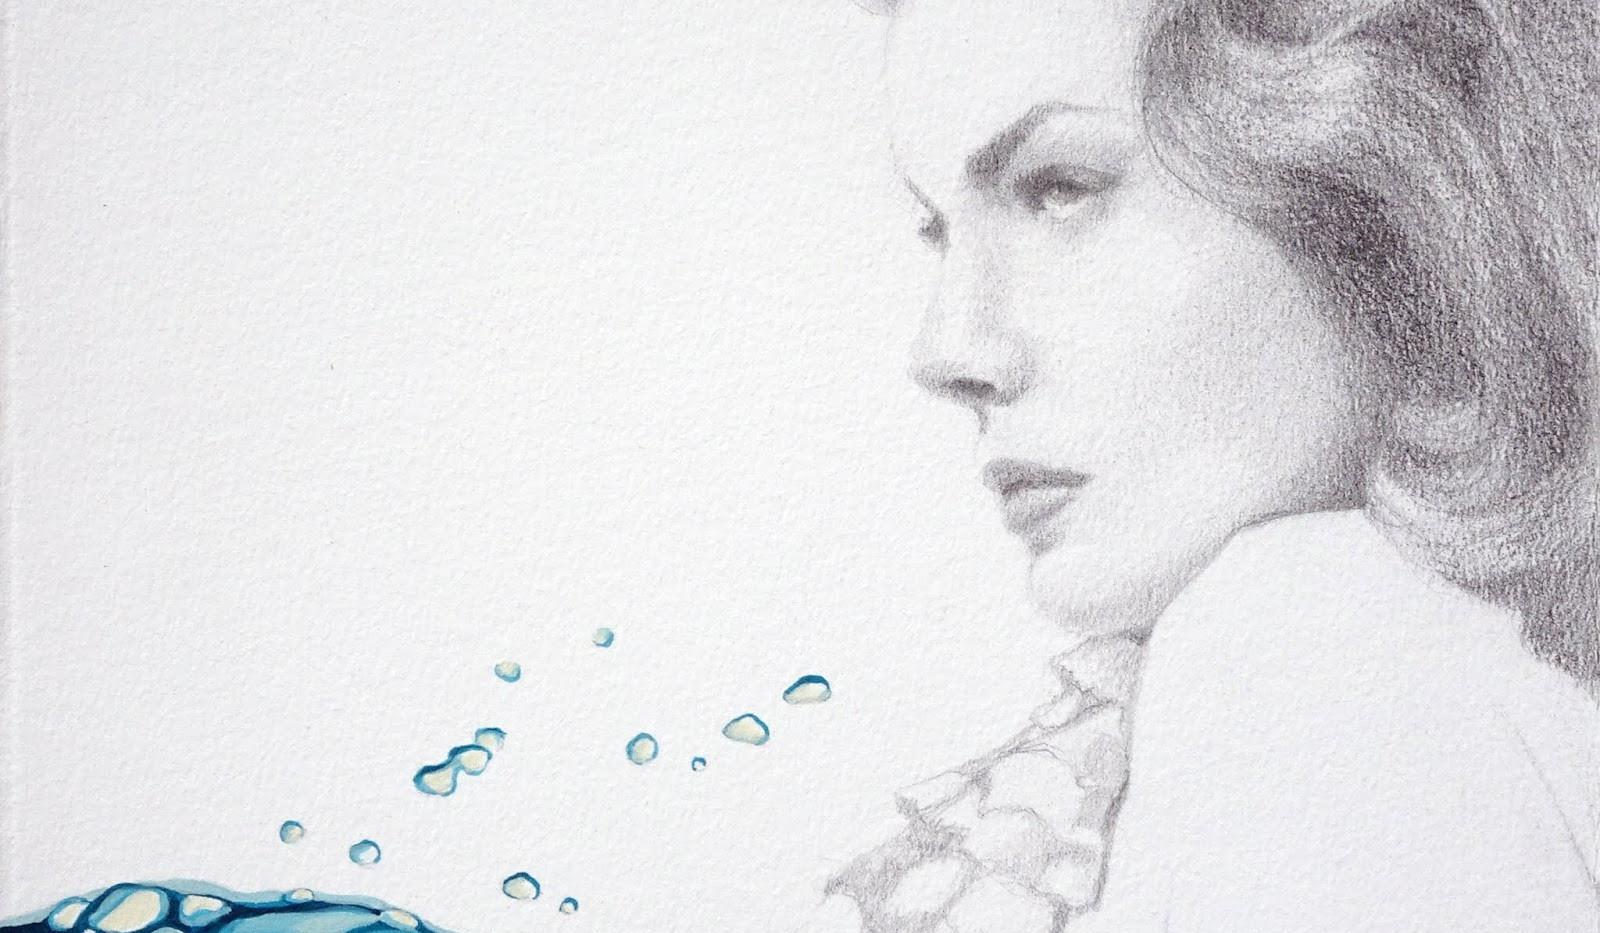 agua 5.jpg